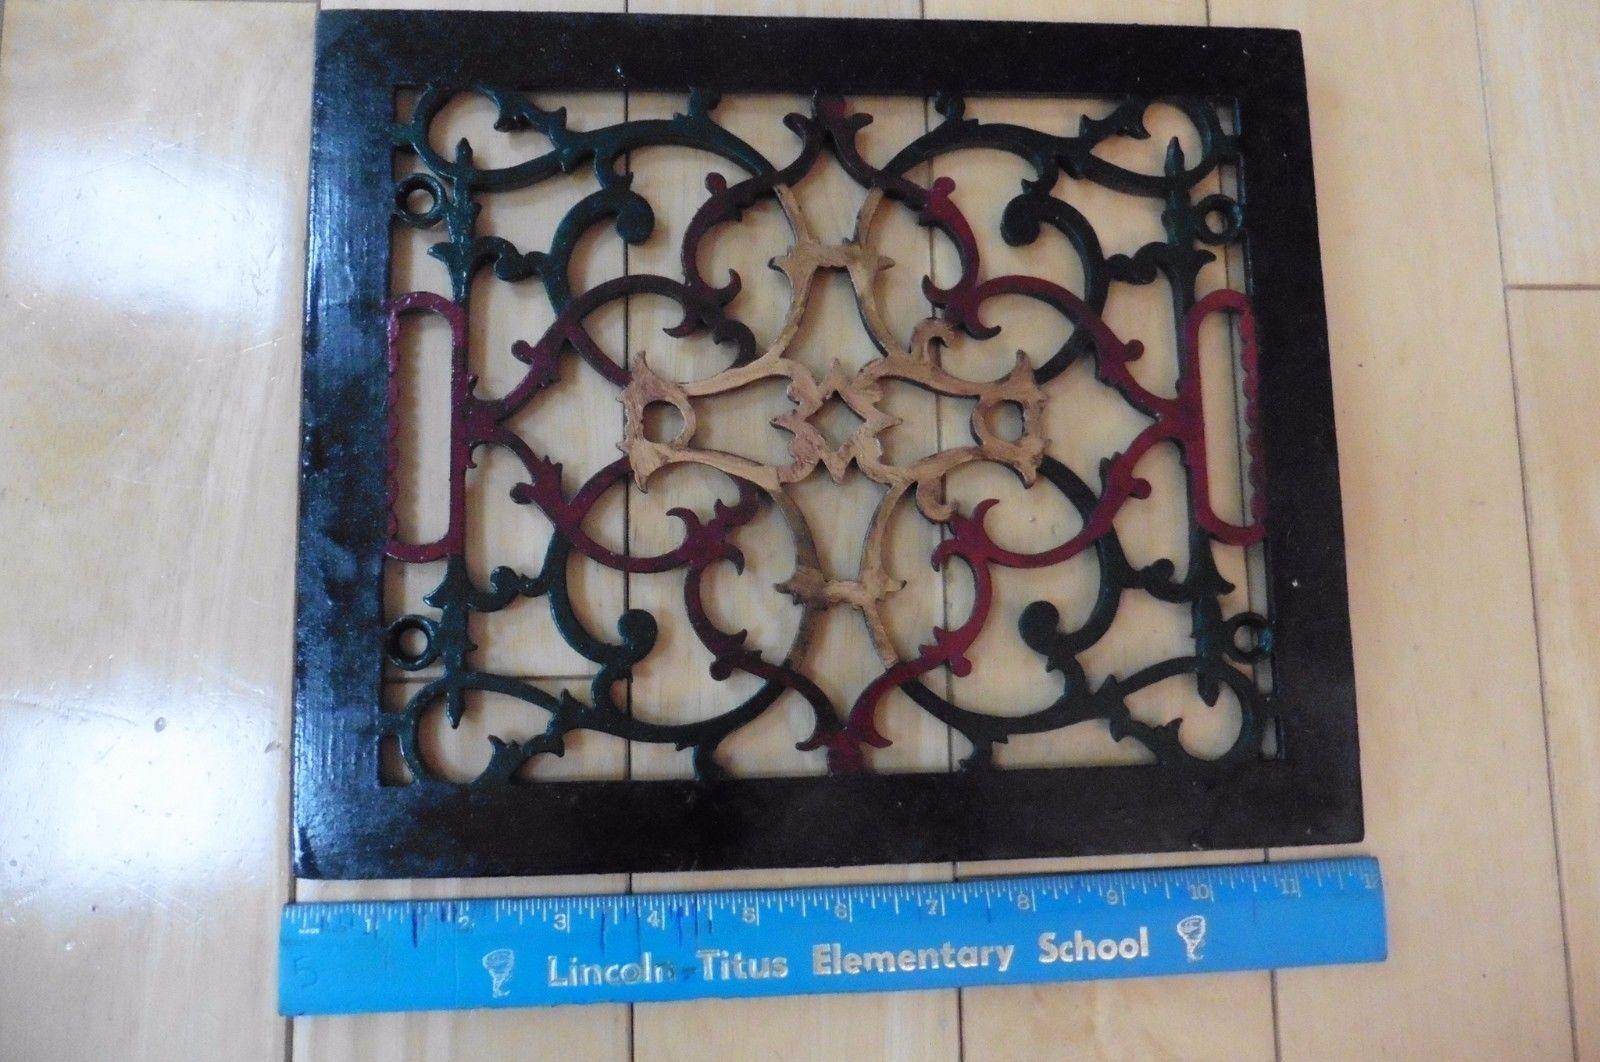 Cast Iron Floor Register 2 X 12 Designer Air Vent Register Kitchen Decor 53 00 Painted Floor Vent Registers Cast Iron